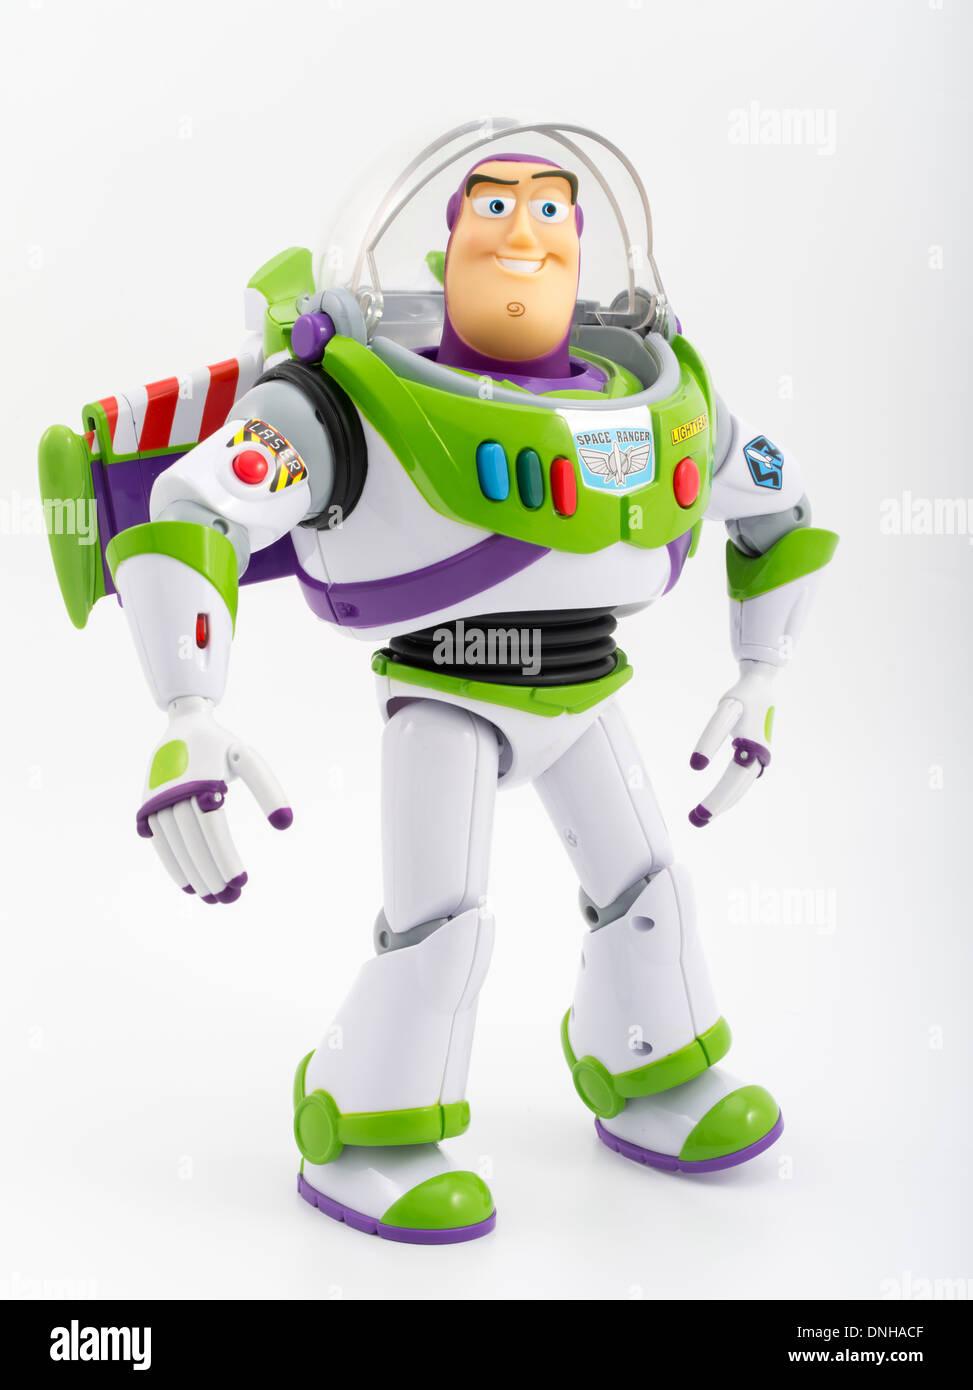 Buzz Lightyear célèbre jouet pour enfants du film Toy Story produit par  Thinkway Toys Photo Stock 30d1de28fed